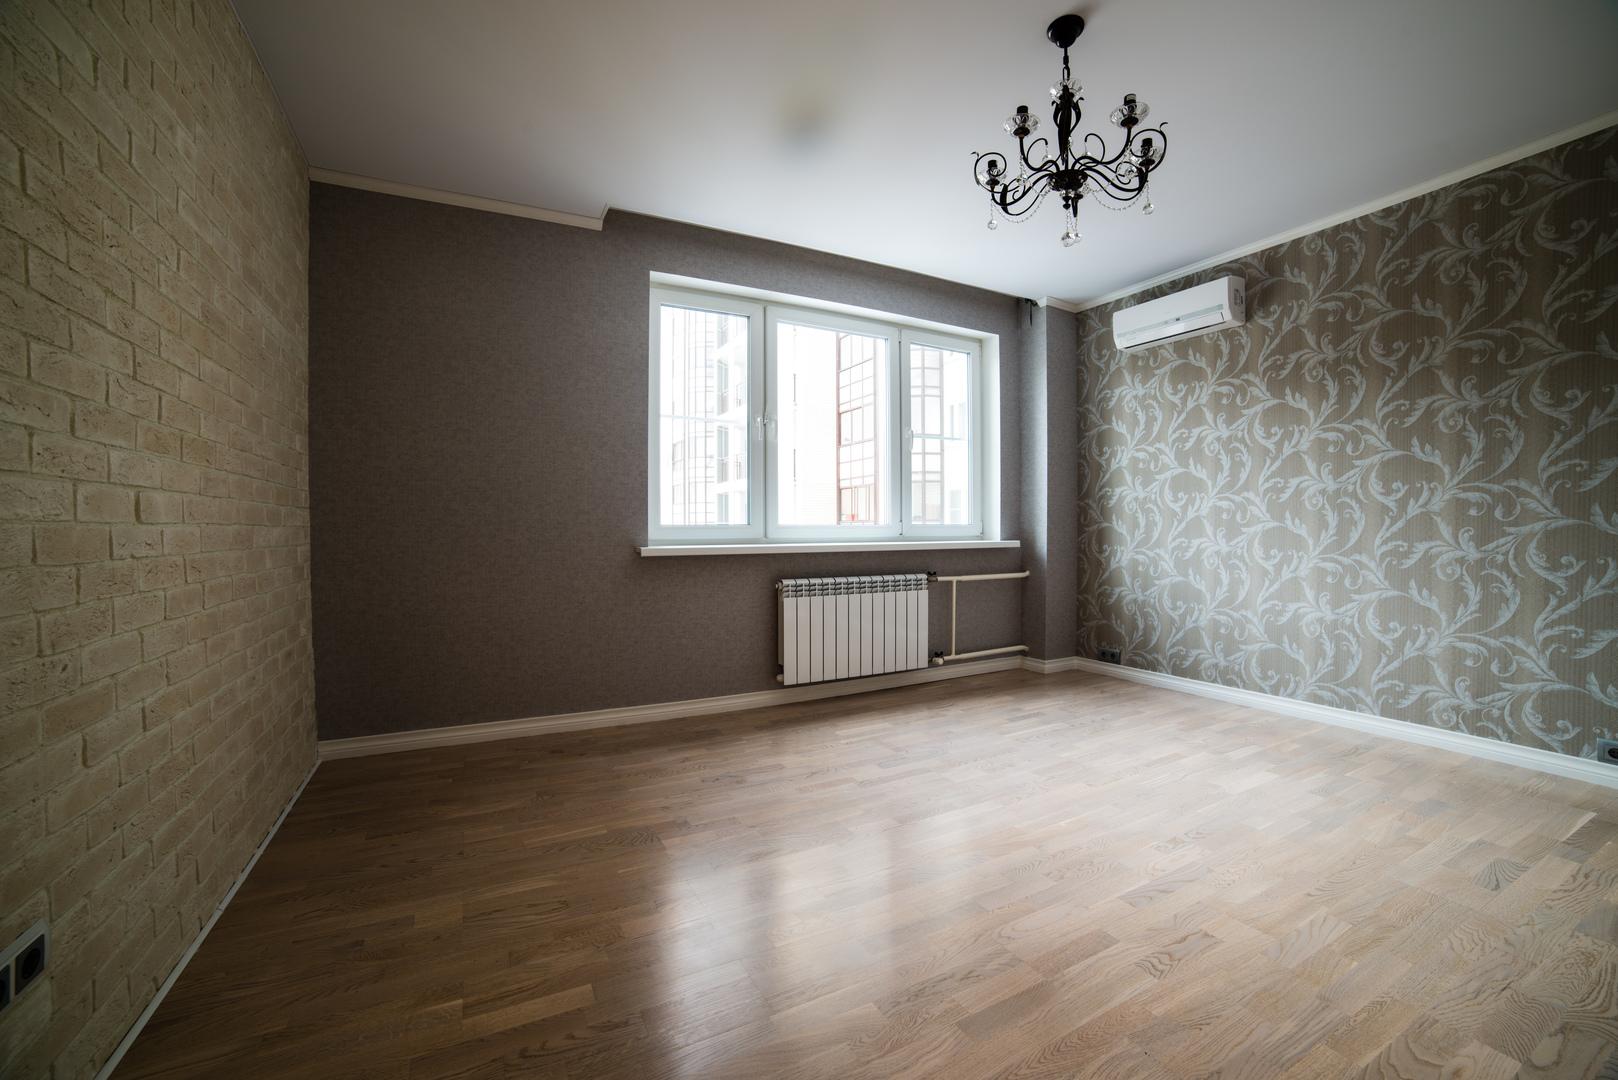 Фото квартир после ремонта без мебели